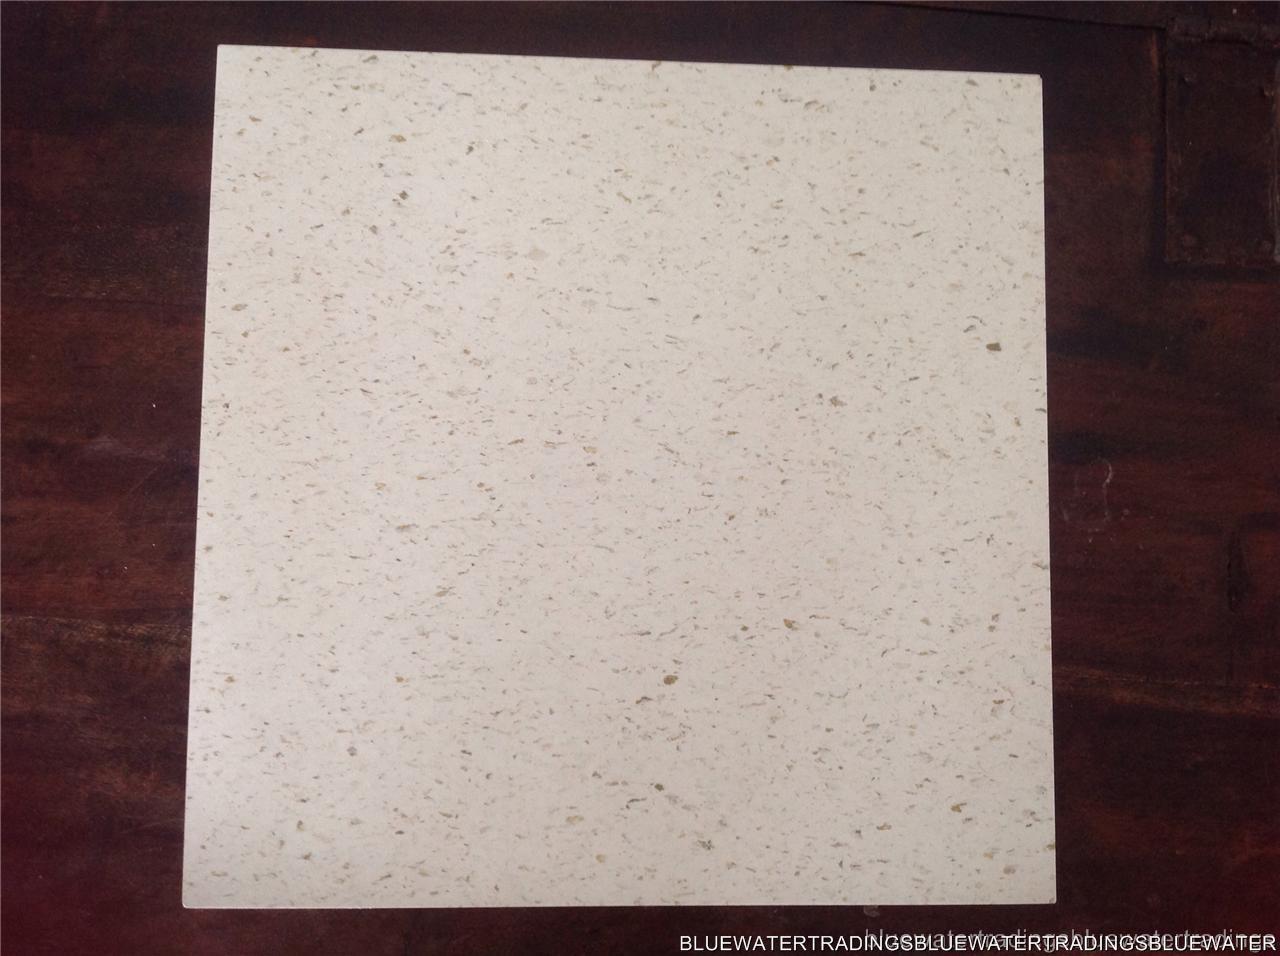 Commercial Grade Vinyl Flooring Carpet